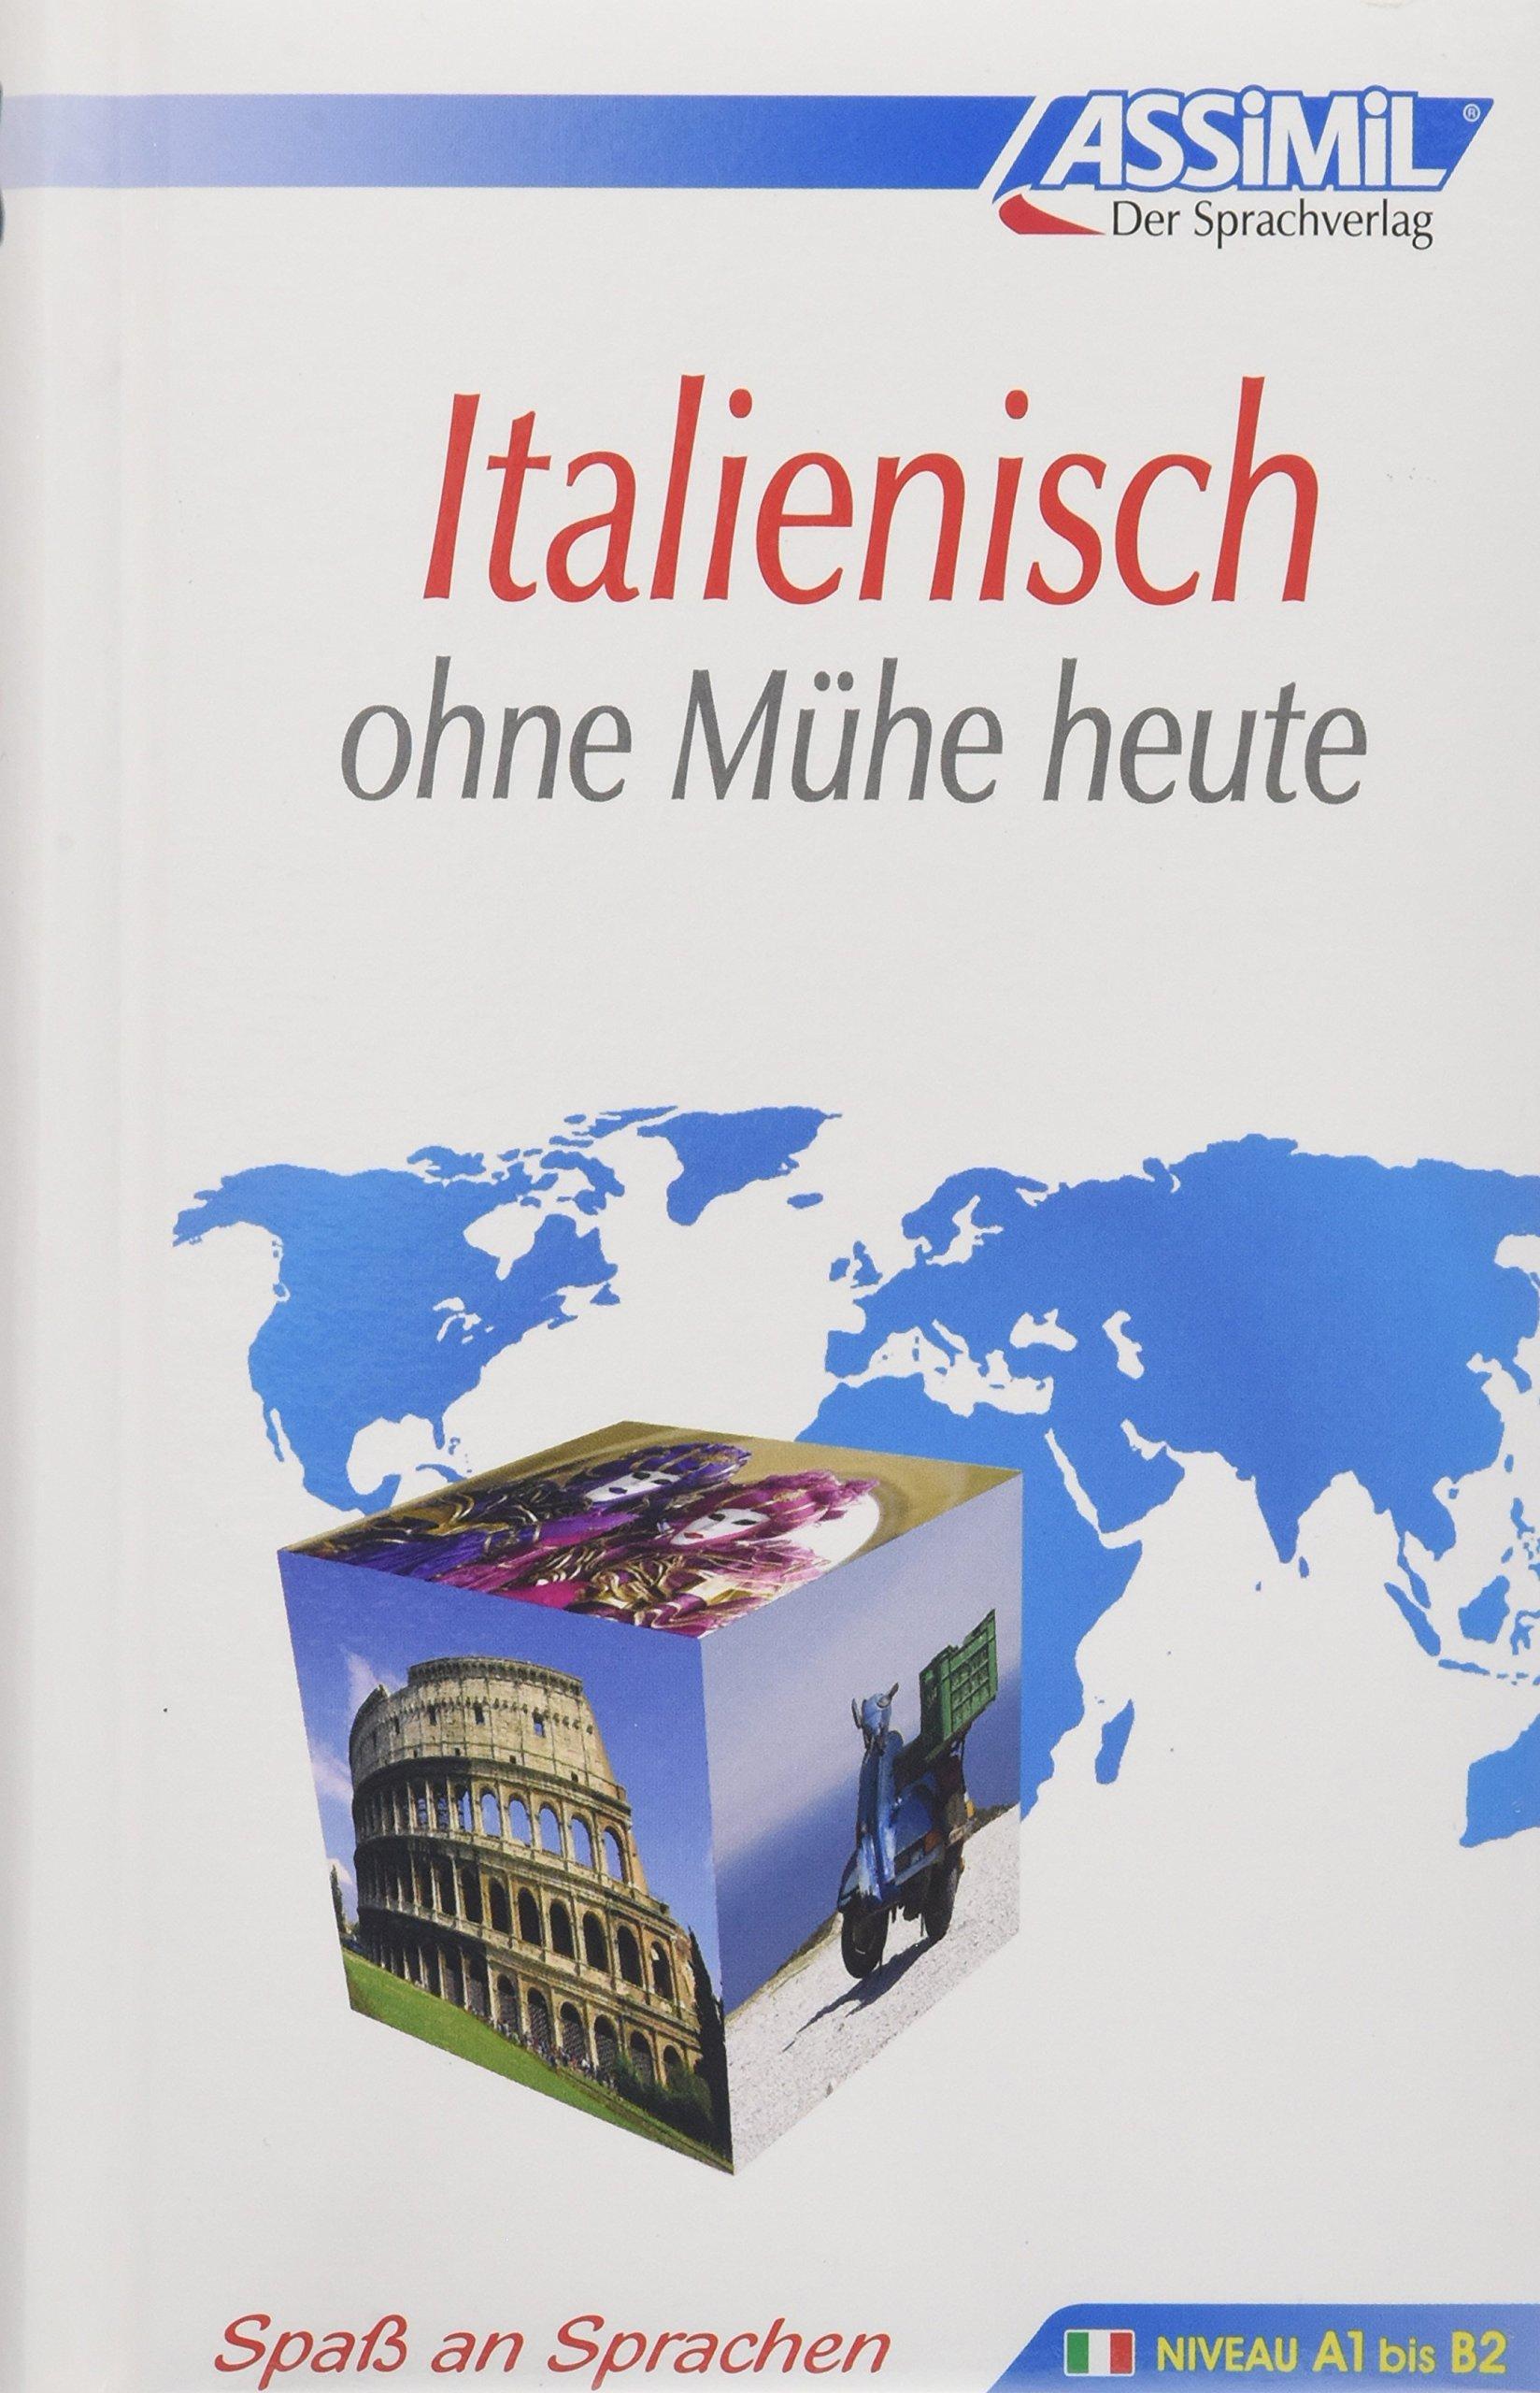 ASSiMiL Selbstlernkurs für Deutsche: Assimil. Italienisch ohne Mühe heute. Lehrbuch mit 450 Seiten, 105 Lektionen, 240 Übungen + Lösungen